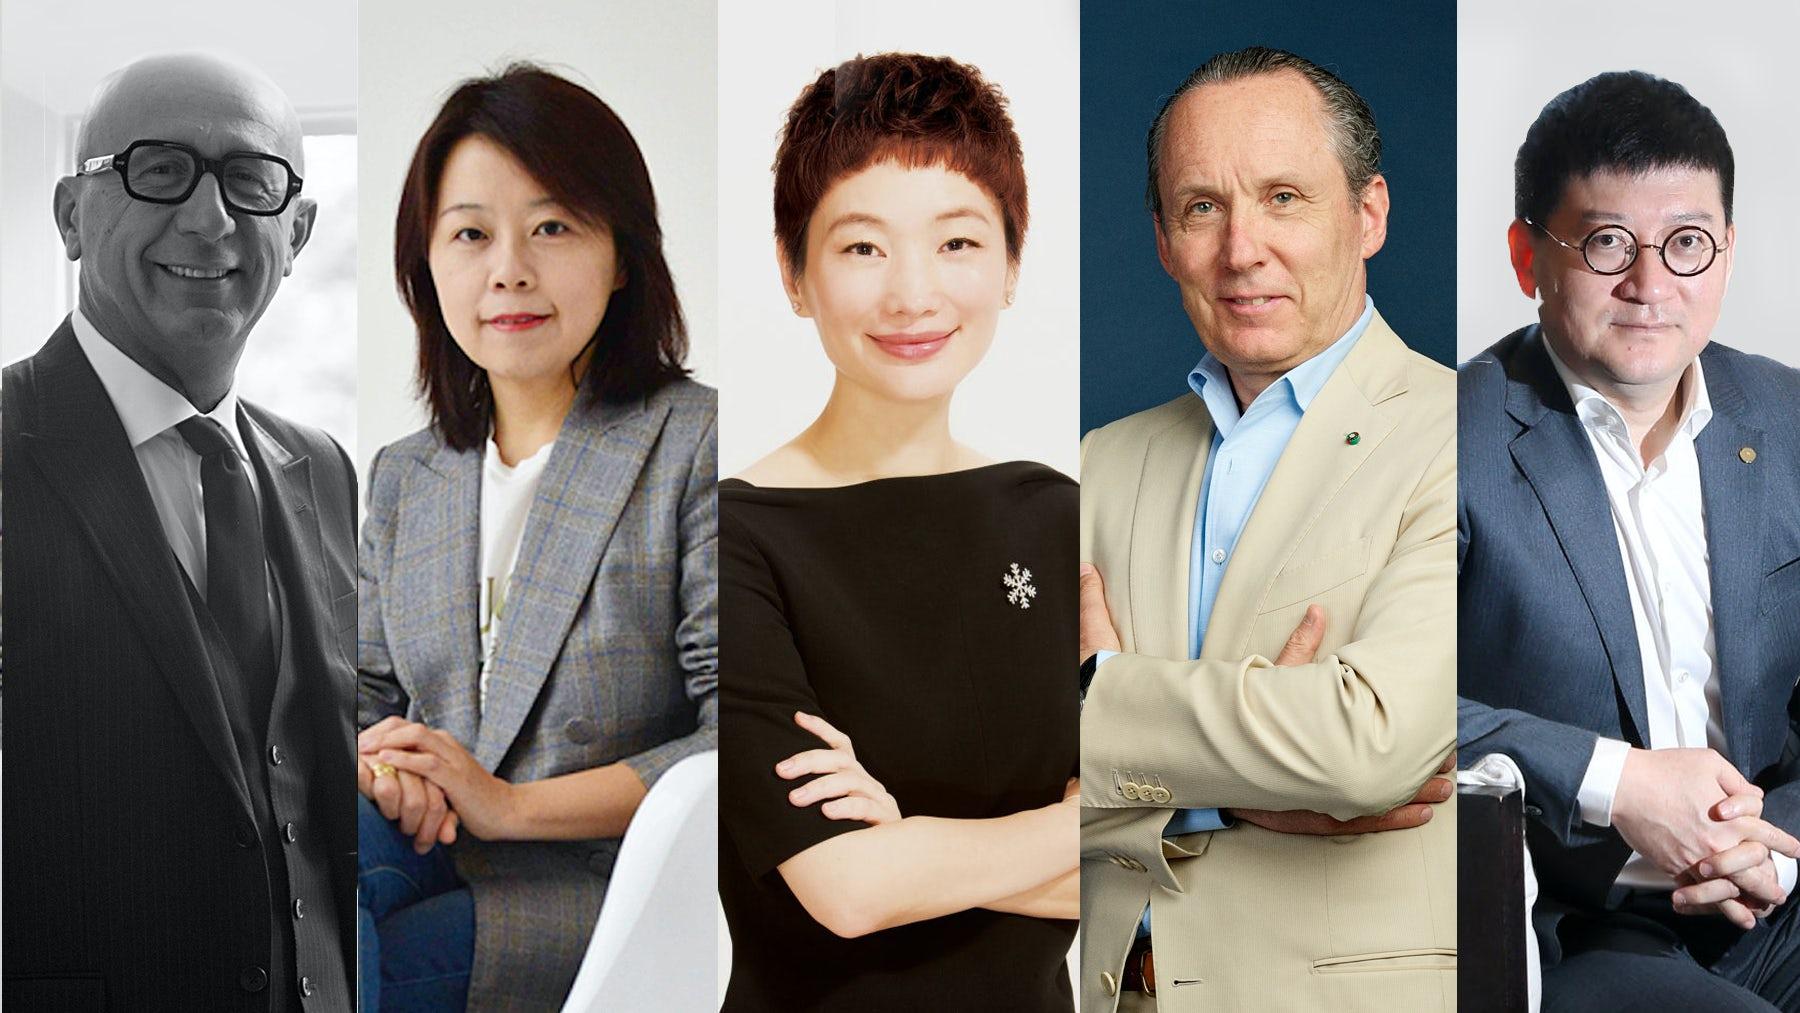 Article cover of Marco Bizzarri, Jessica Liu, Xiao Xue, Gildo Zegna and Chen Xiaodong to Headline BoF China Summit